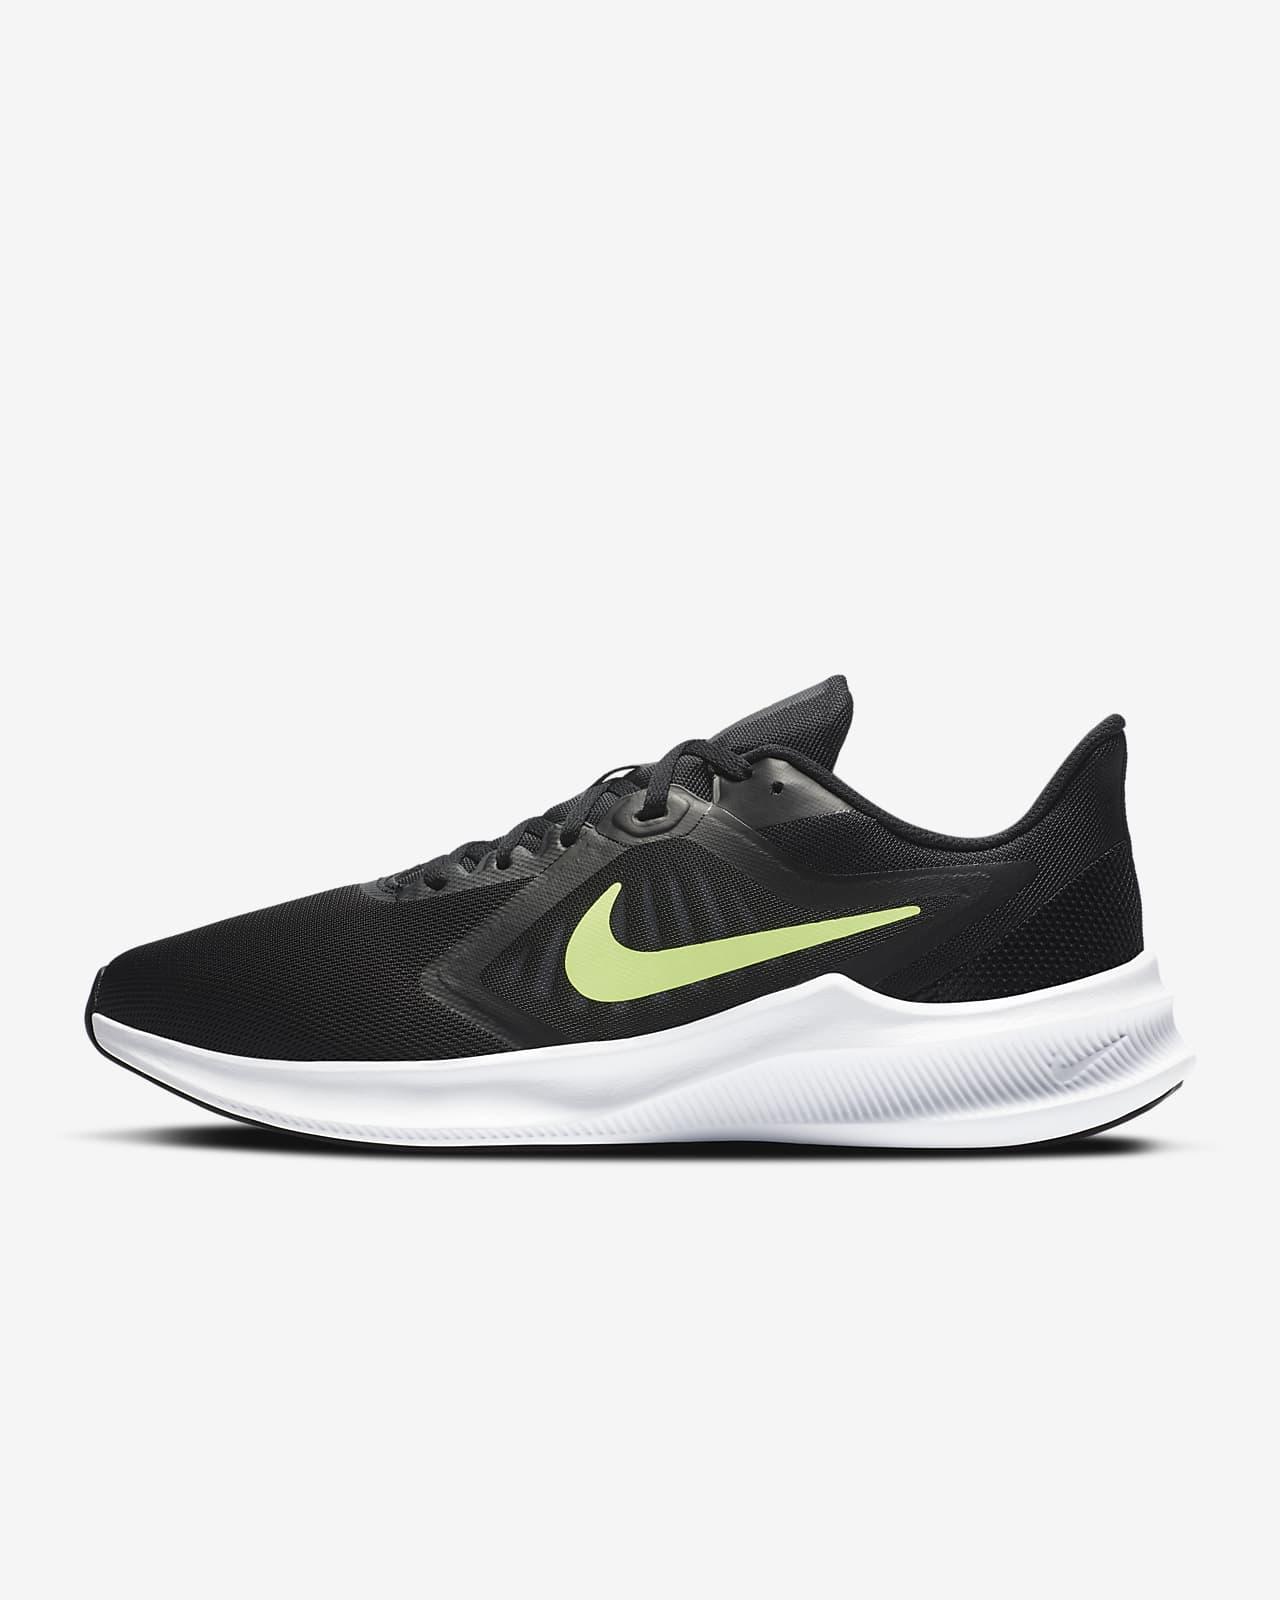 Nike Downshifter 10 Herren-Laufschuh